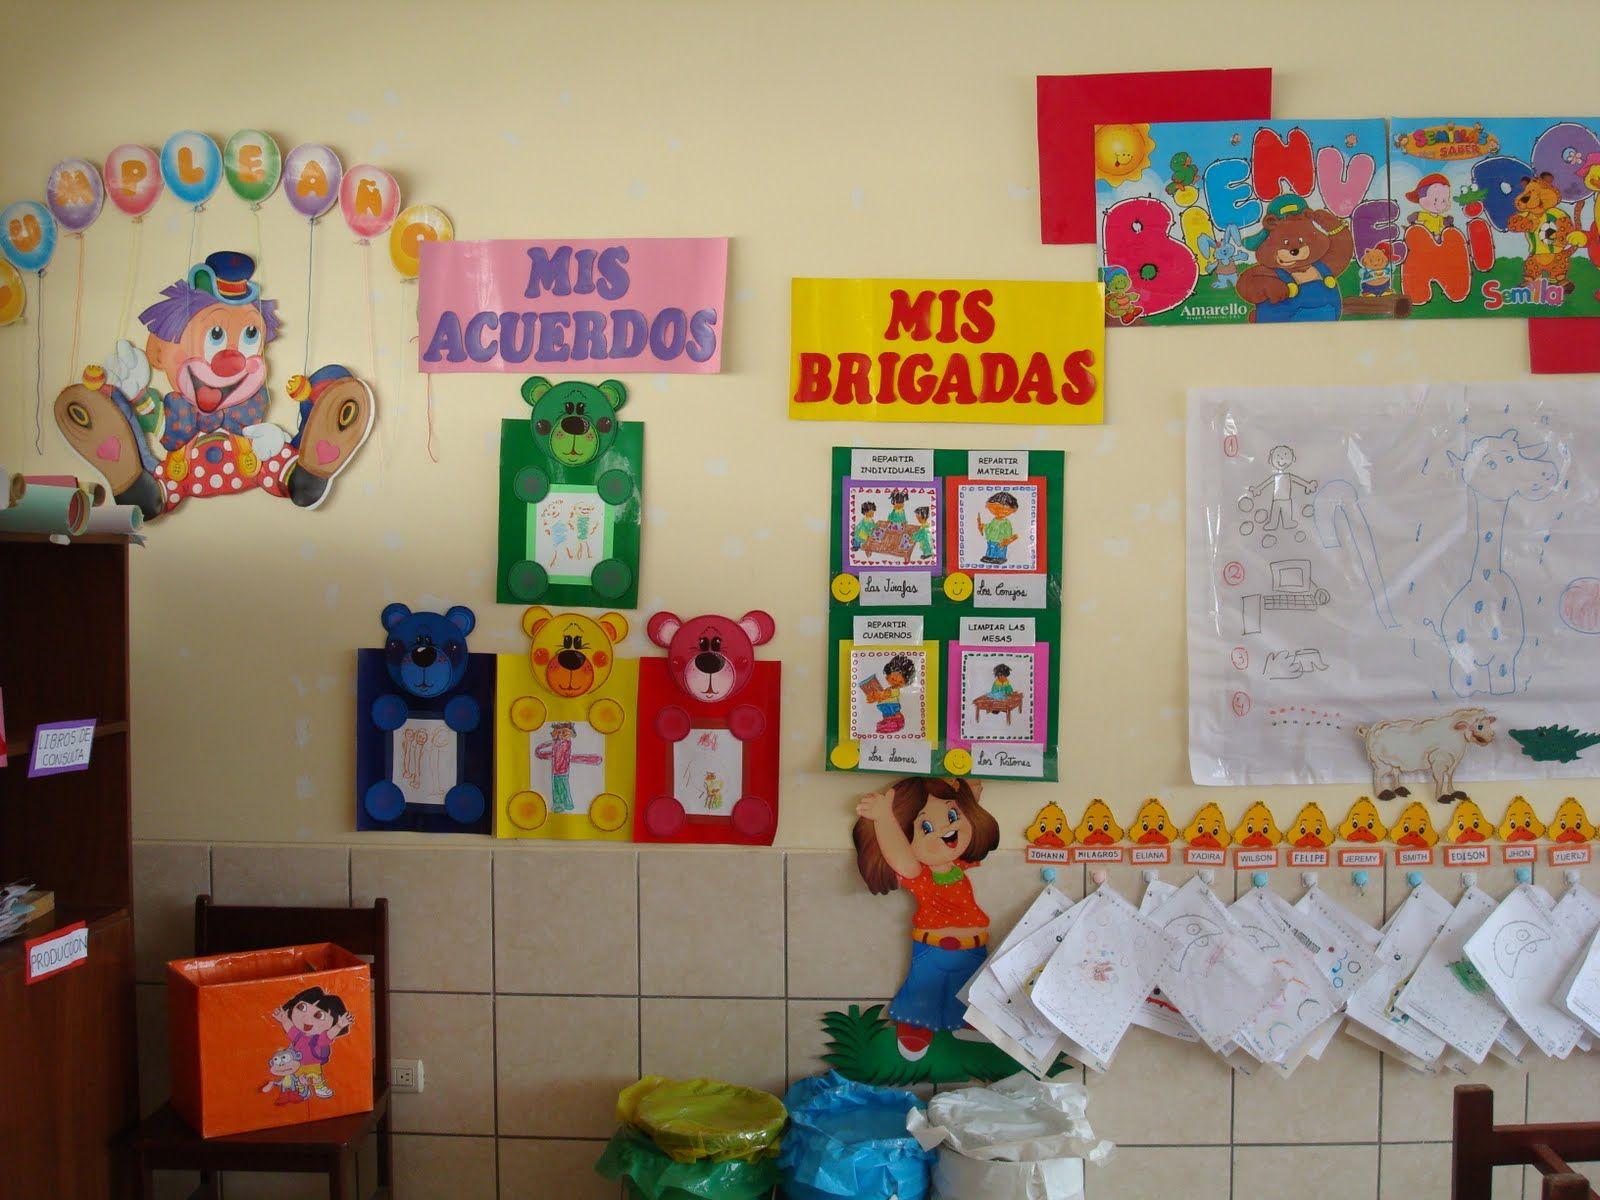 salones de clases decorados - Buscar con Google | teacher ...